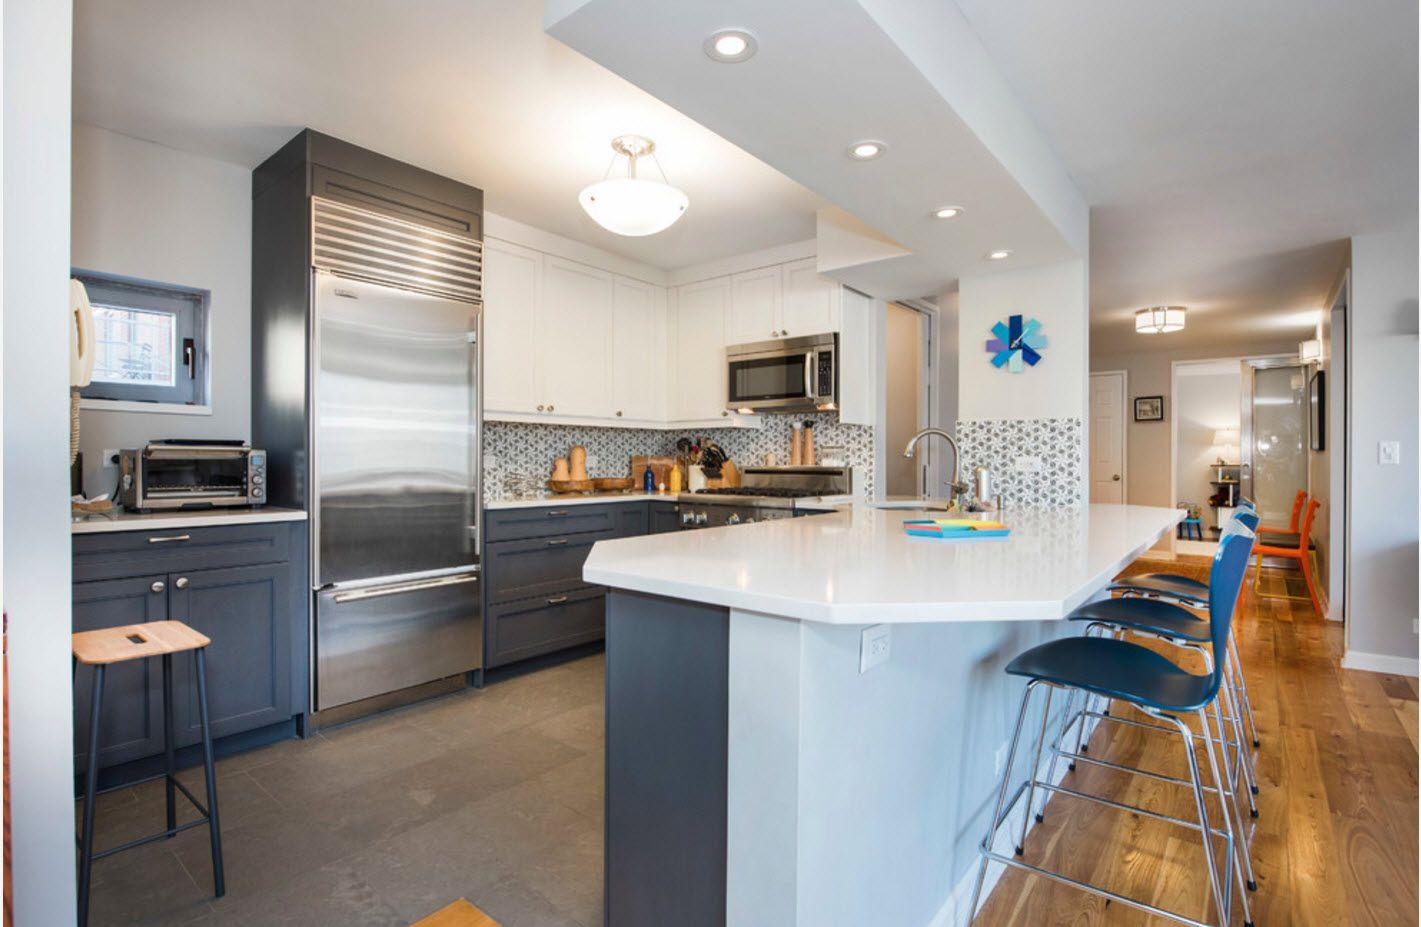 Apartment Interior Design Inspiration Ideas & Trends 2017. Master zoning in the light plastic interior